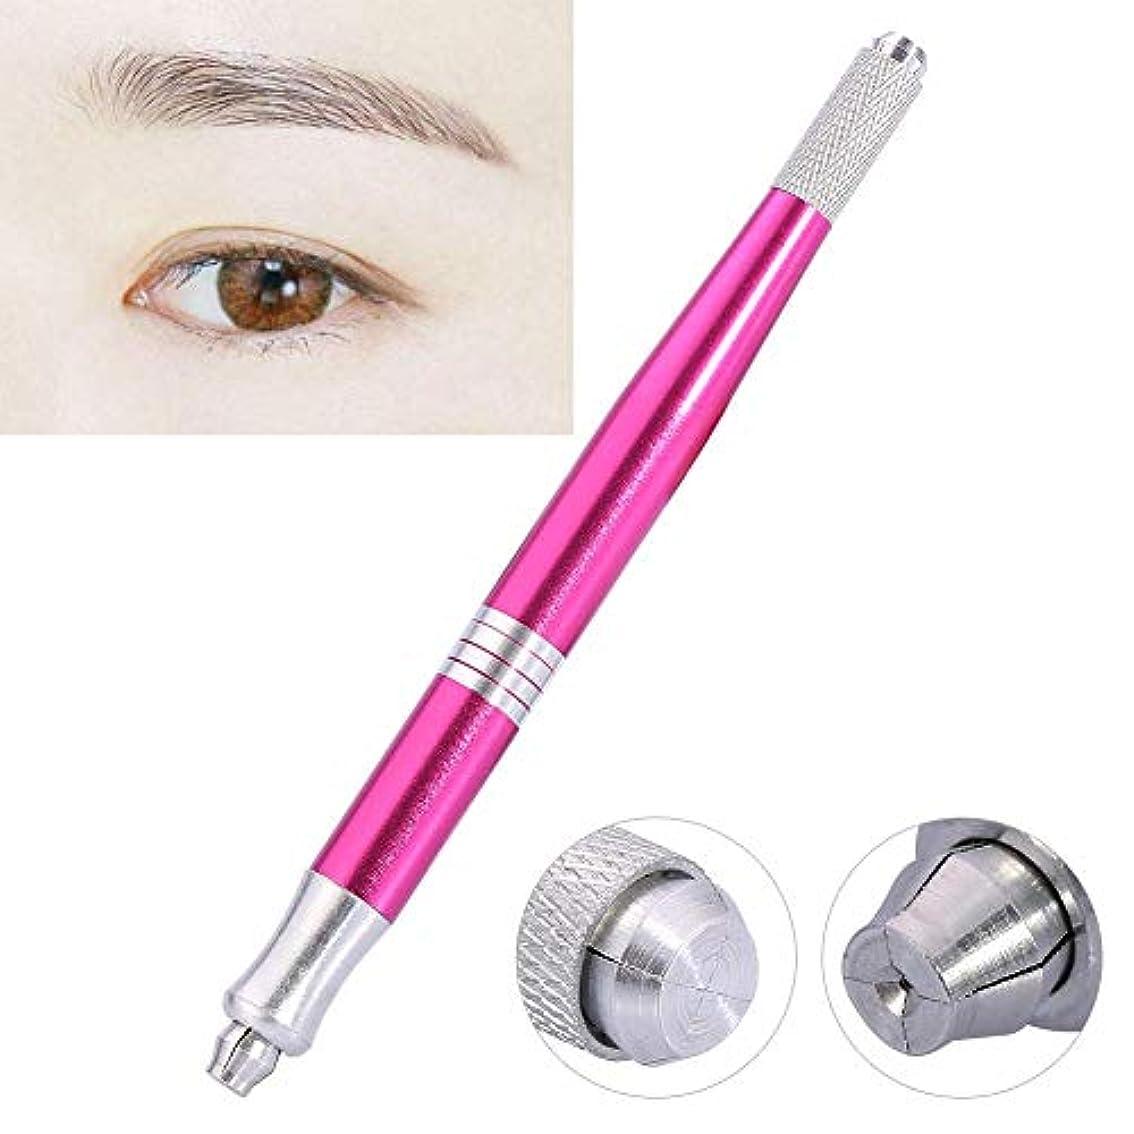 赤字西アクセシブルタトゥーペン - 眉毛タトゥーペンマニュアルマイクロブレードペンアイライナーリップ、手刺繍アイブロウペンシル - ウォーターフォグの眉毛を作成します